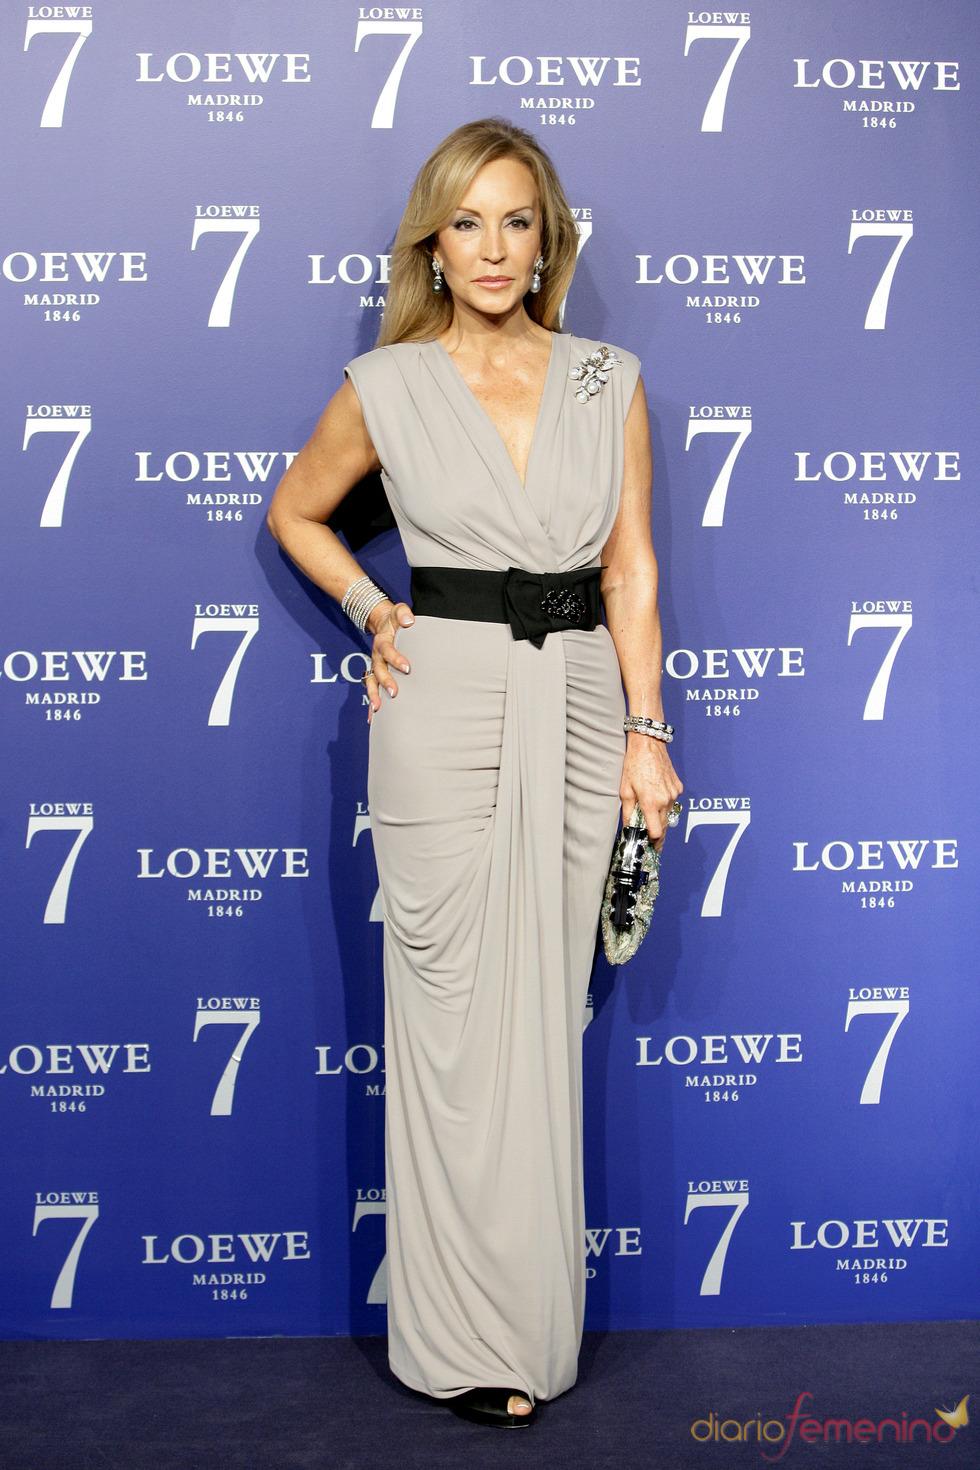 Carmen Lomana en la presentación de la fragancia 7 de Loewe Madrid